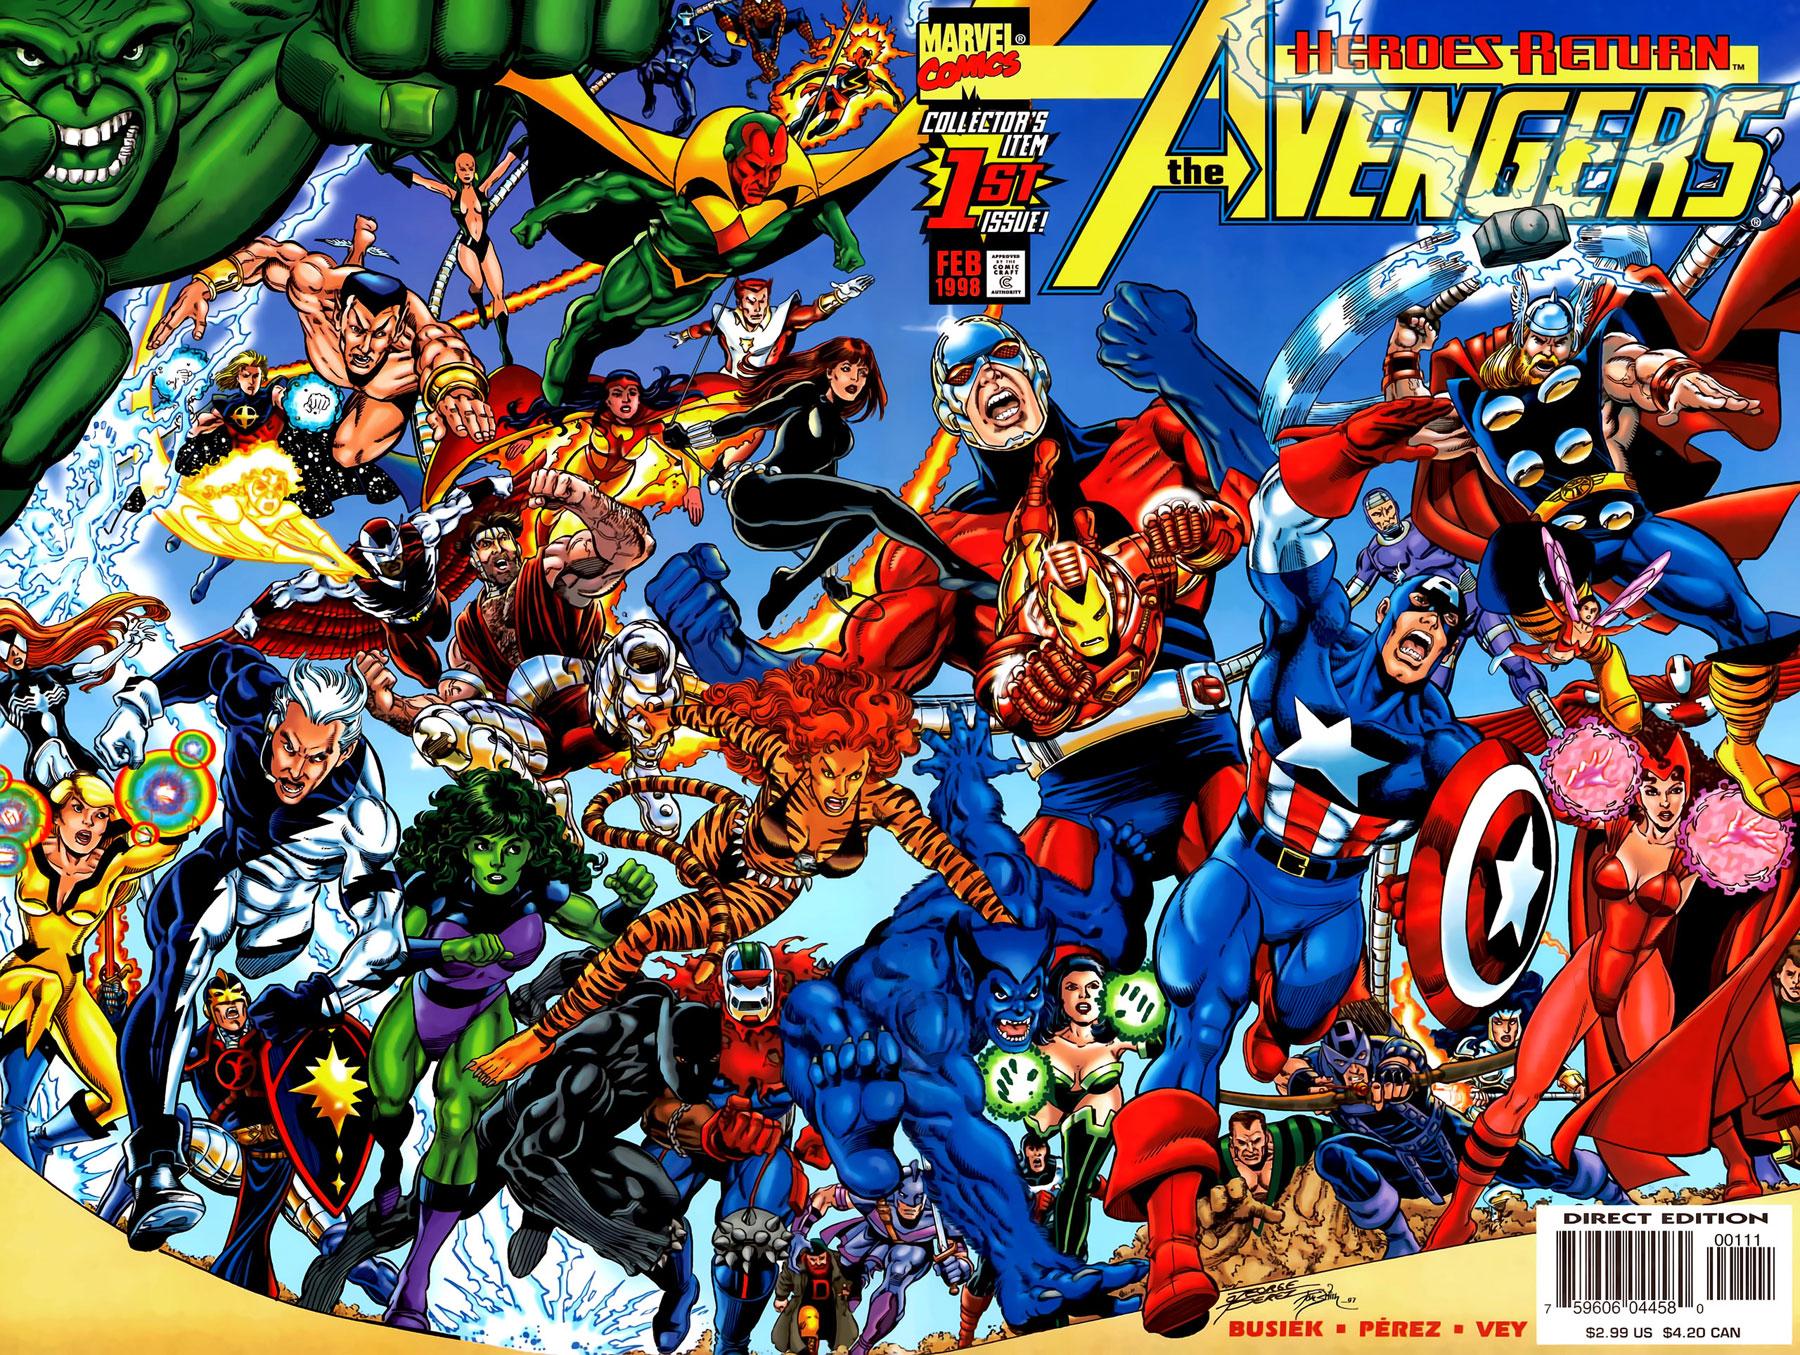 Bully says comics oughta be fun - Heros avengers ...